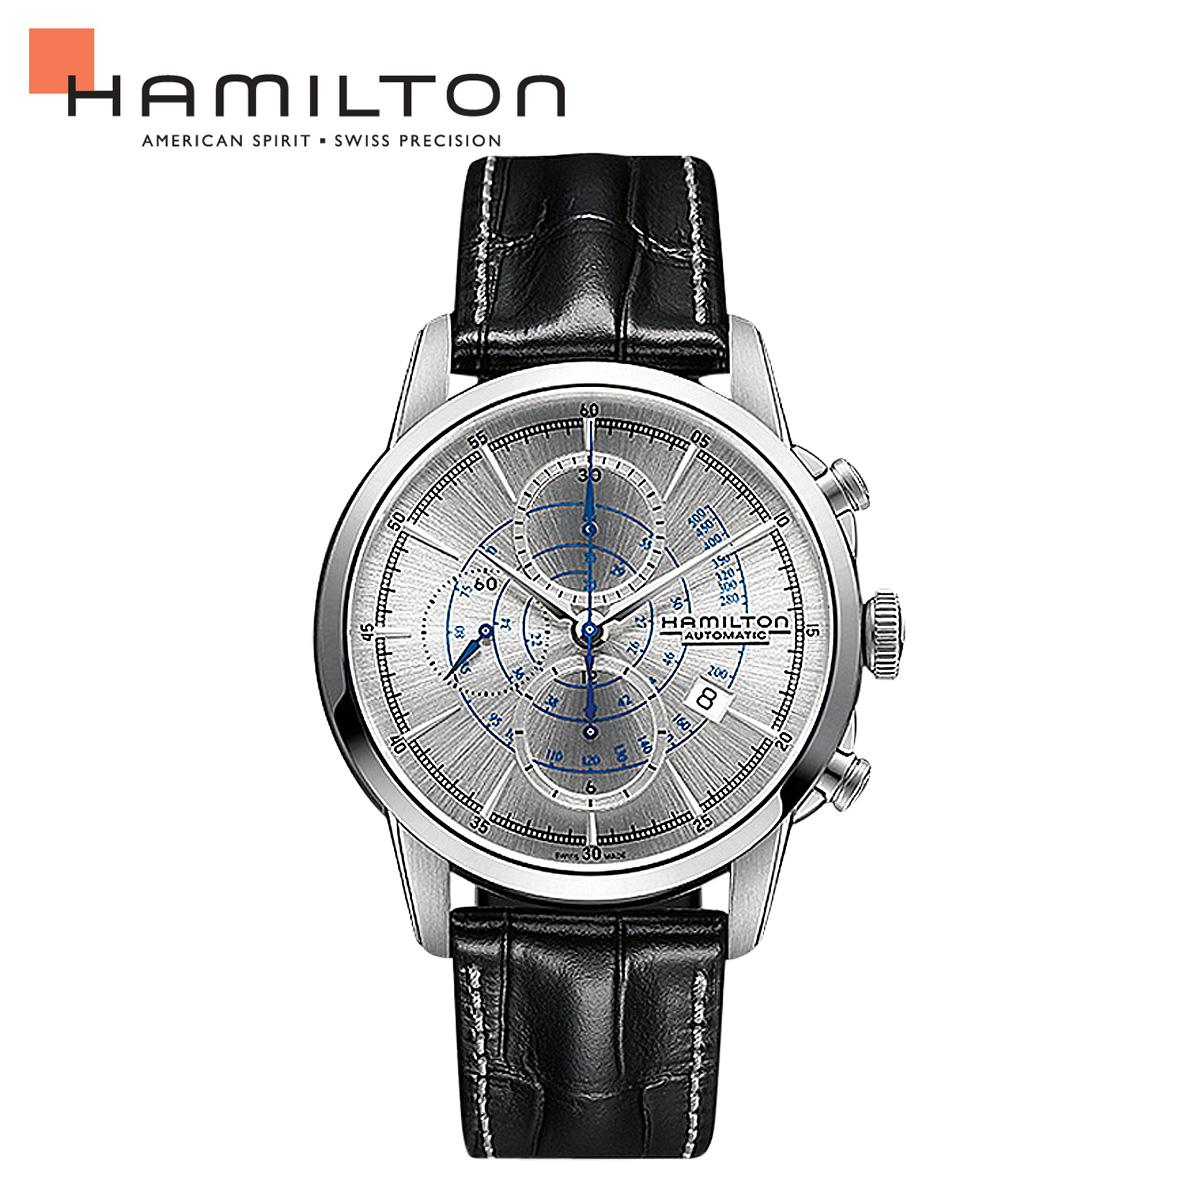 HAMILTON ハミルトン 腕時計 アメリカン クラシック メンズ 時計 44mm AMERICAN CLASSIC RAILROAD AUTO CHRONO H40656781 ブラック 防水 【あす楽対象外】【返品不可】